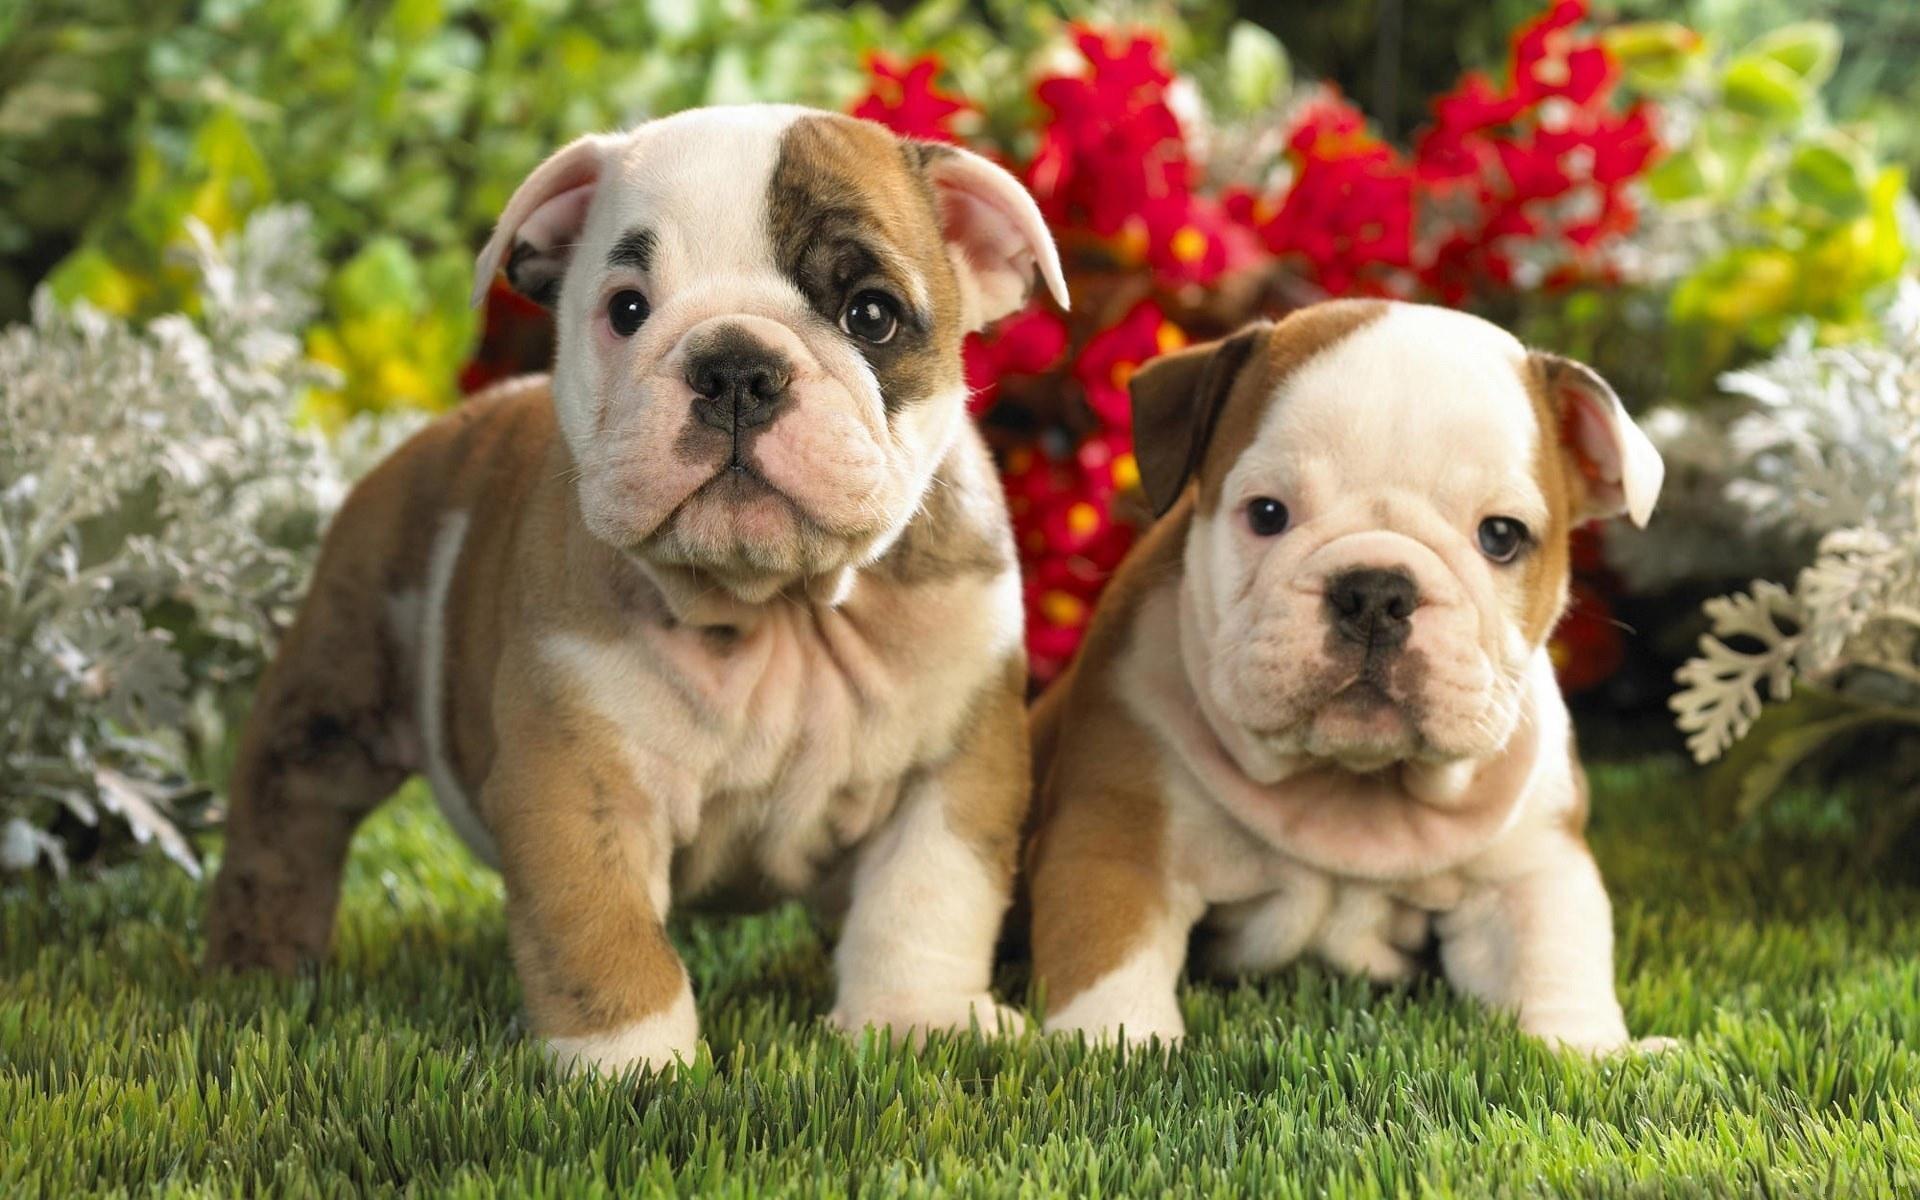 характеристики собаки породы бэнтебульдог